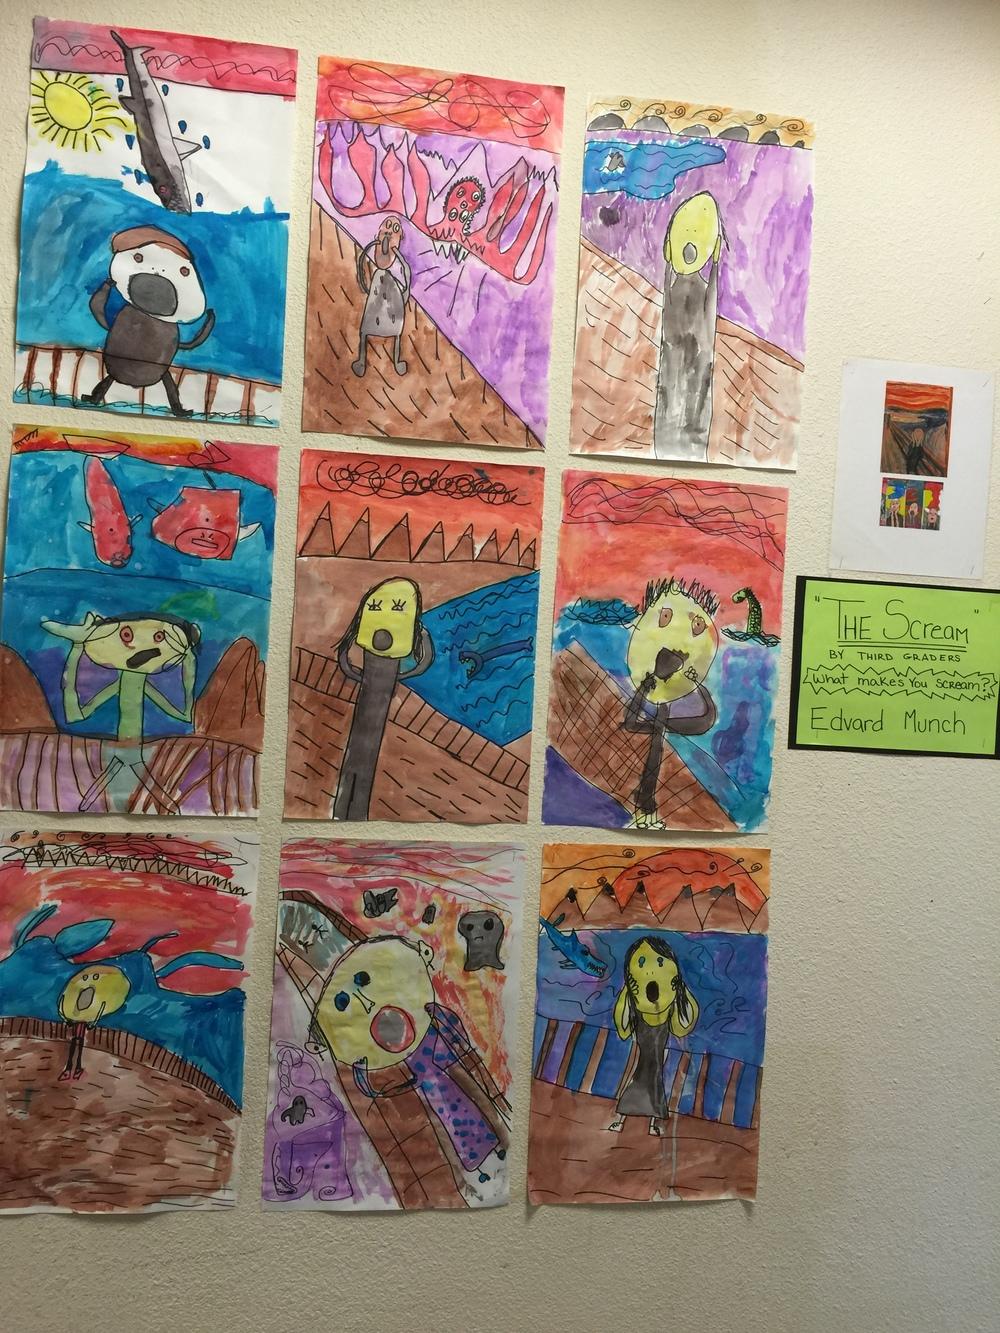 """5th grader's interpretation of munch's """"the scream"""""""